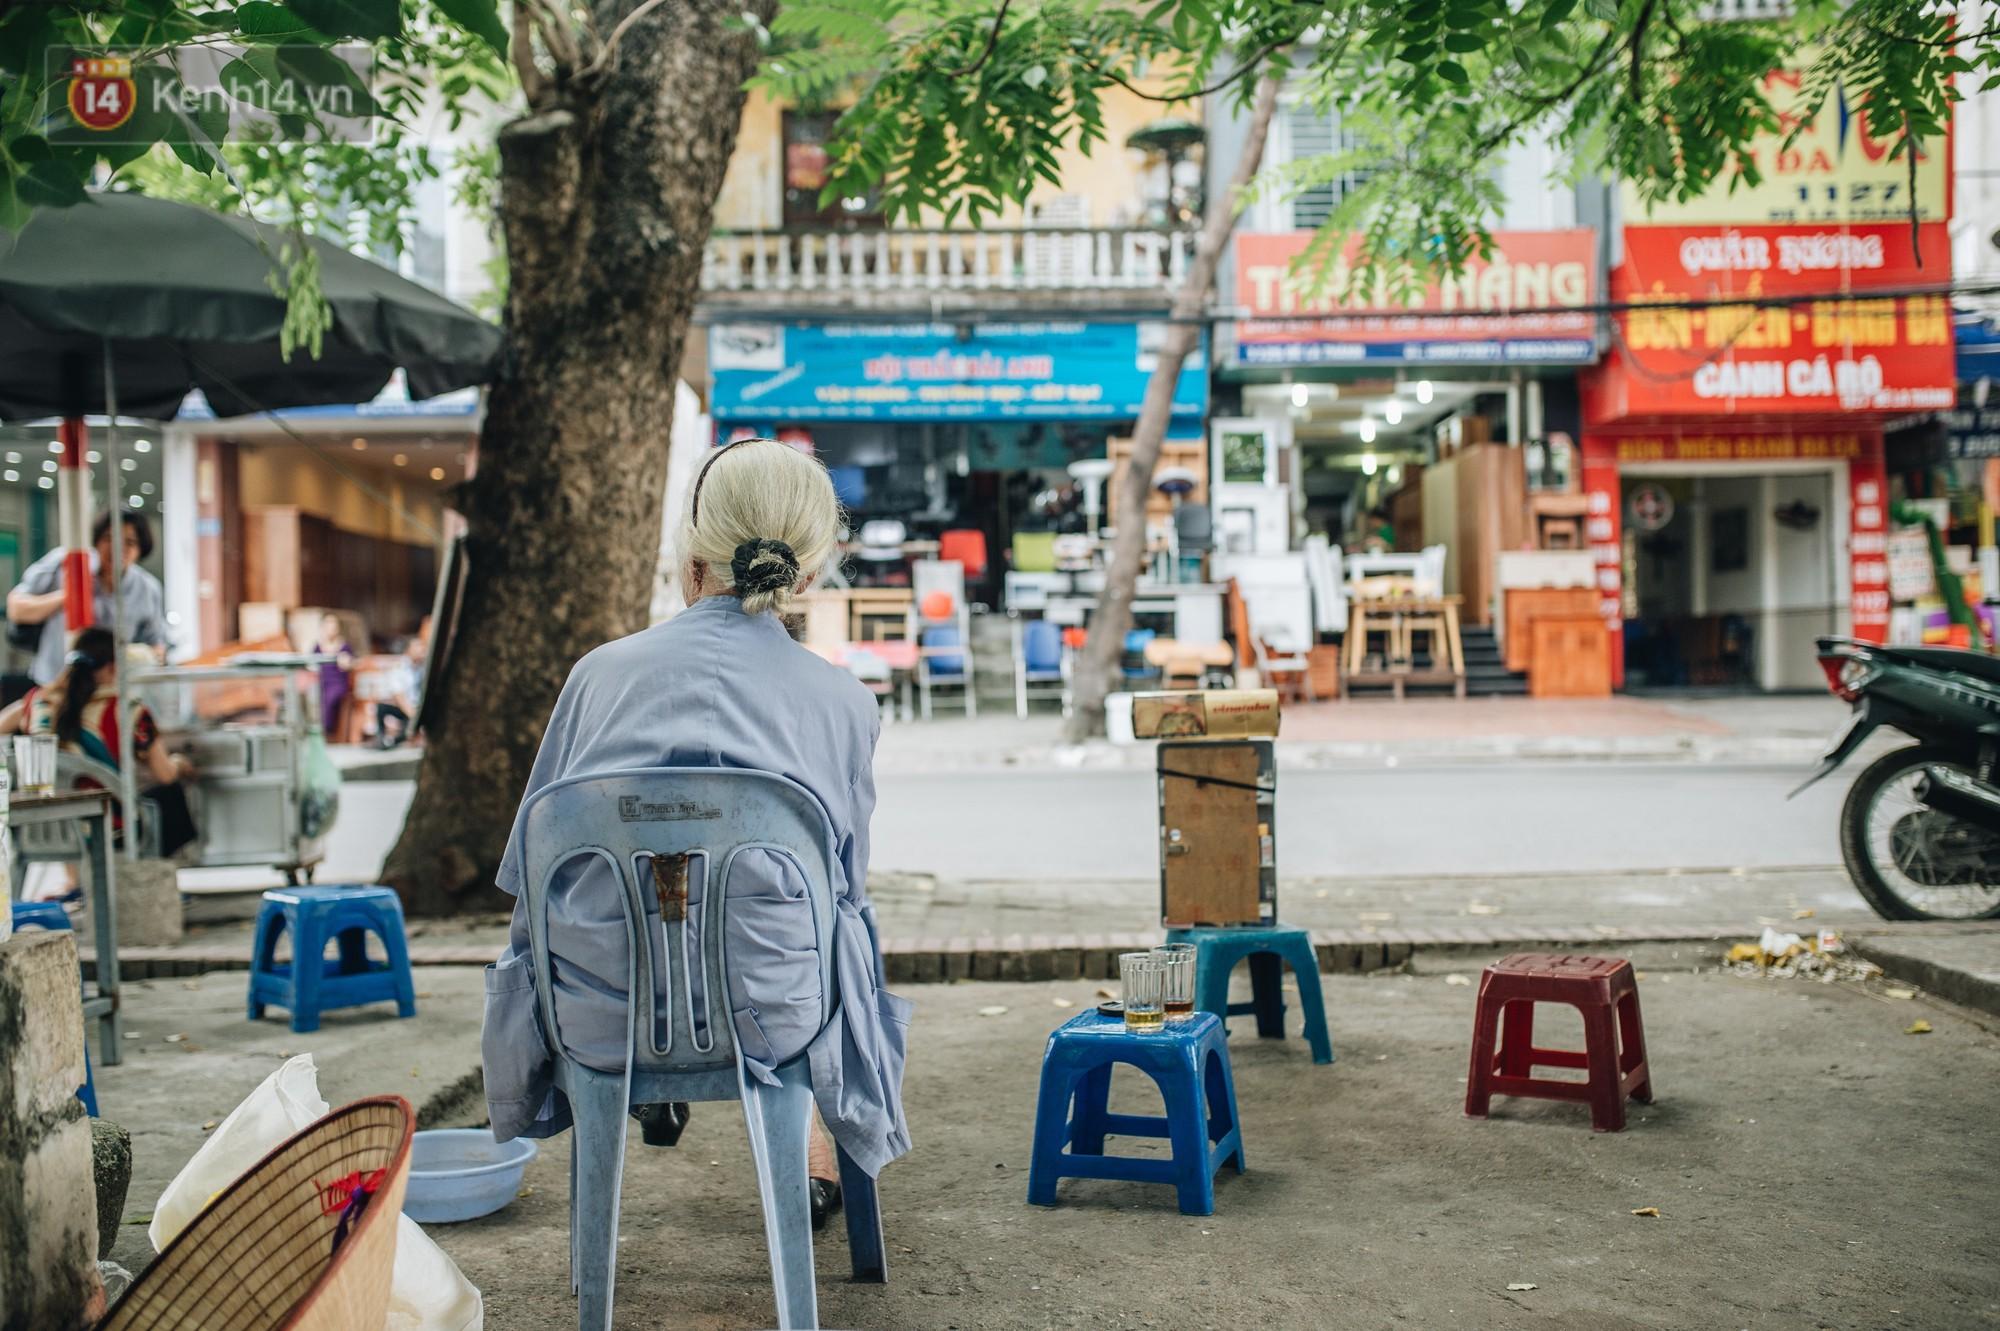 Cụ bà được mệnh danh nữ hùng vá săm vỉa hè Hà Nội: Nghỉ hưu sau 21 năm vá xe, bỏ rượu bia để sống khoẻ mạnh - Ảnh 8.